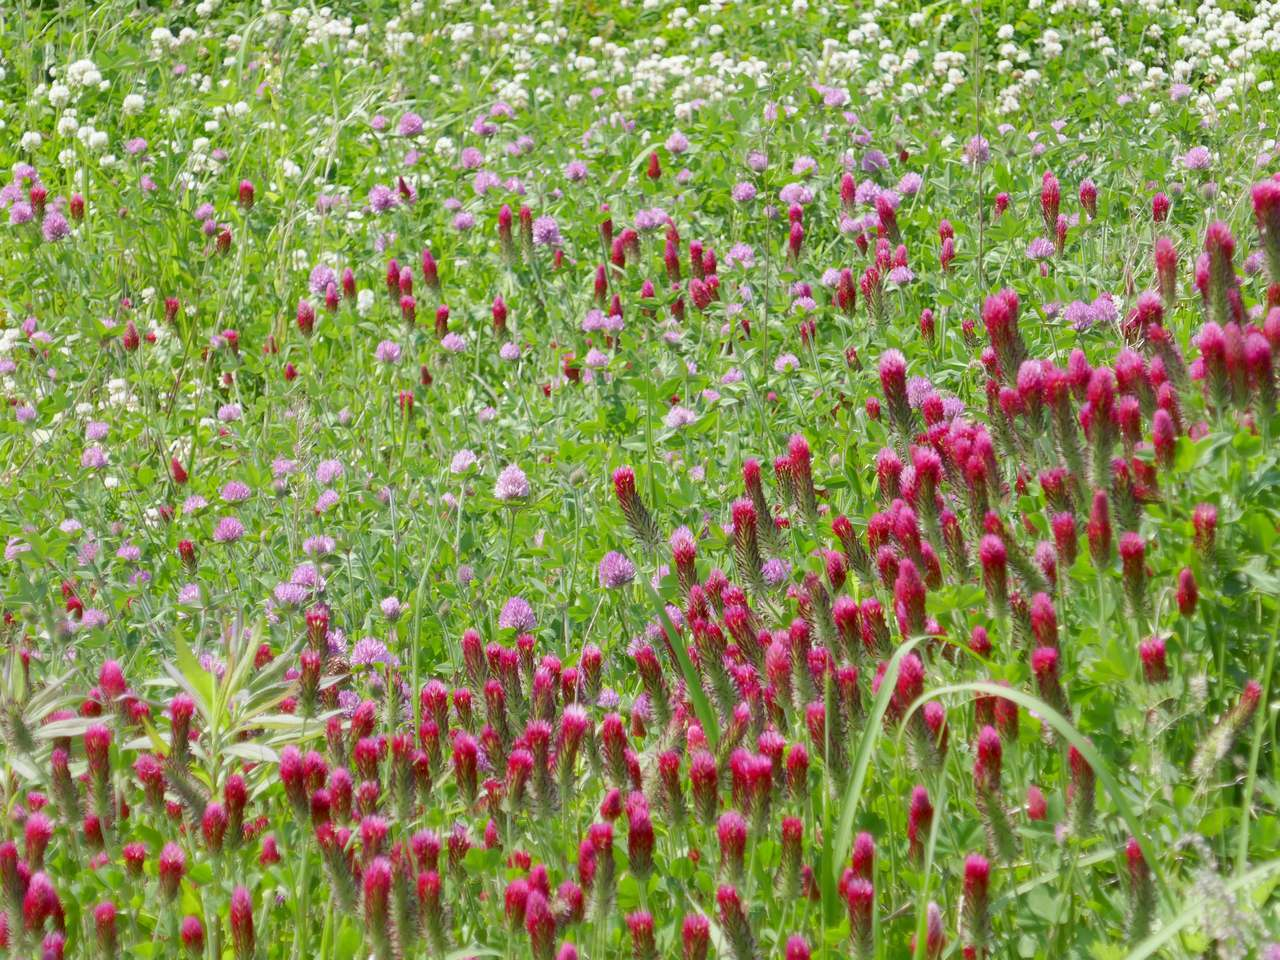 シロツメクサとアカツメクサとなんかよーわからん赤い草